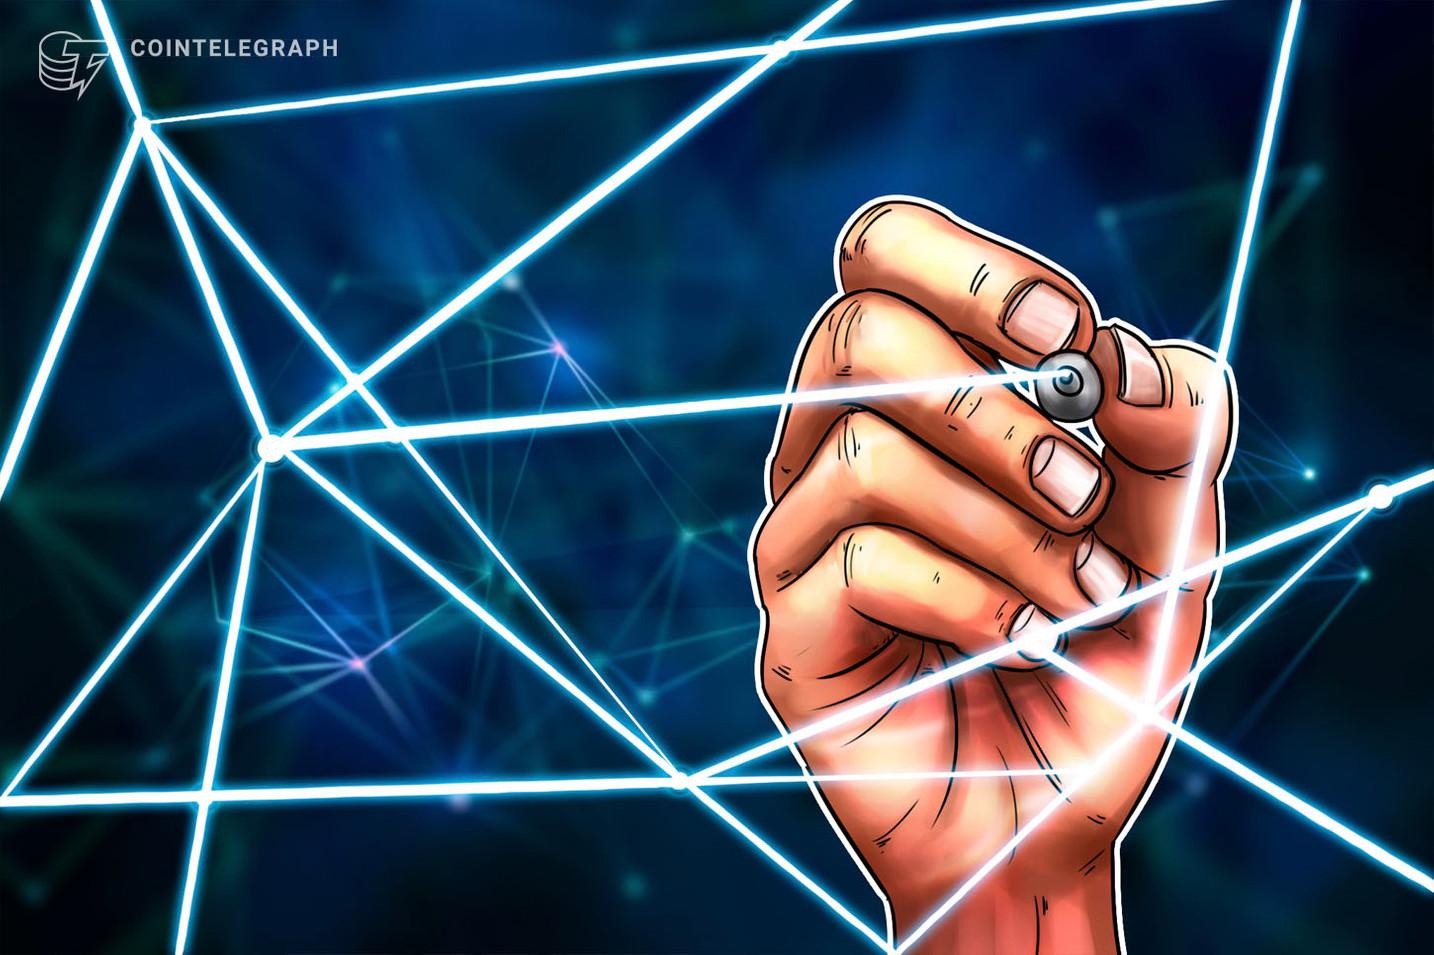 Grupo de pesquisas na área médica expande projeto blockchain para incluir compartilhamento de dados